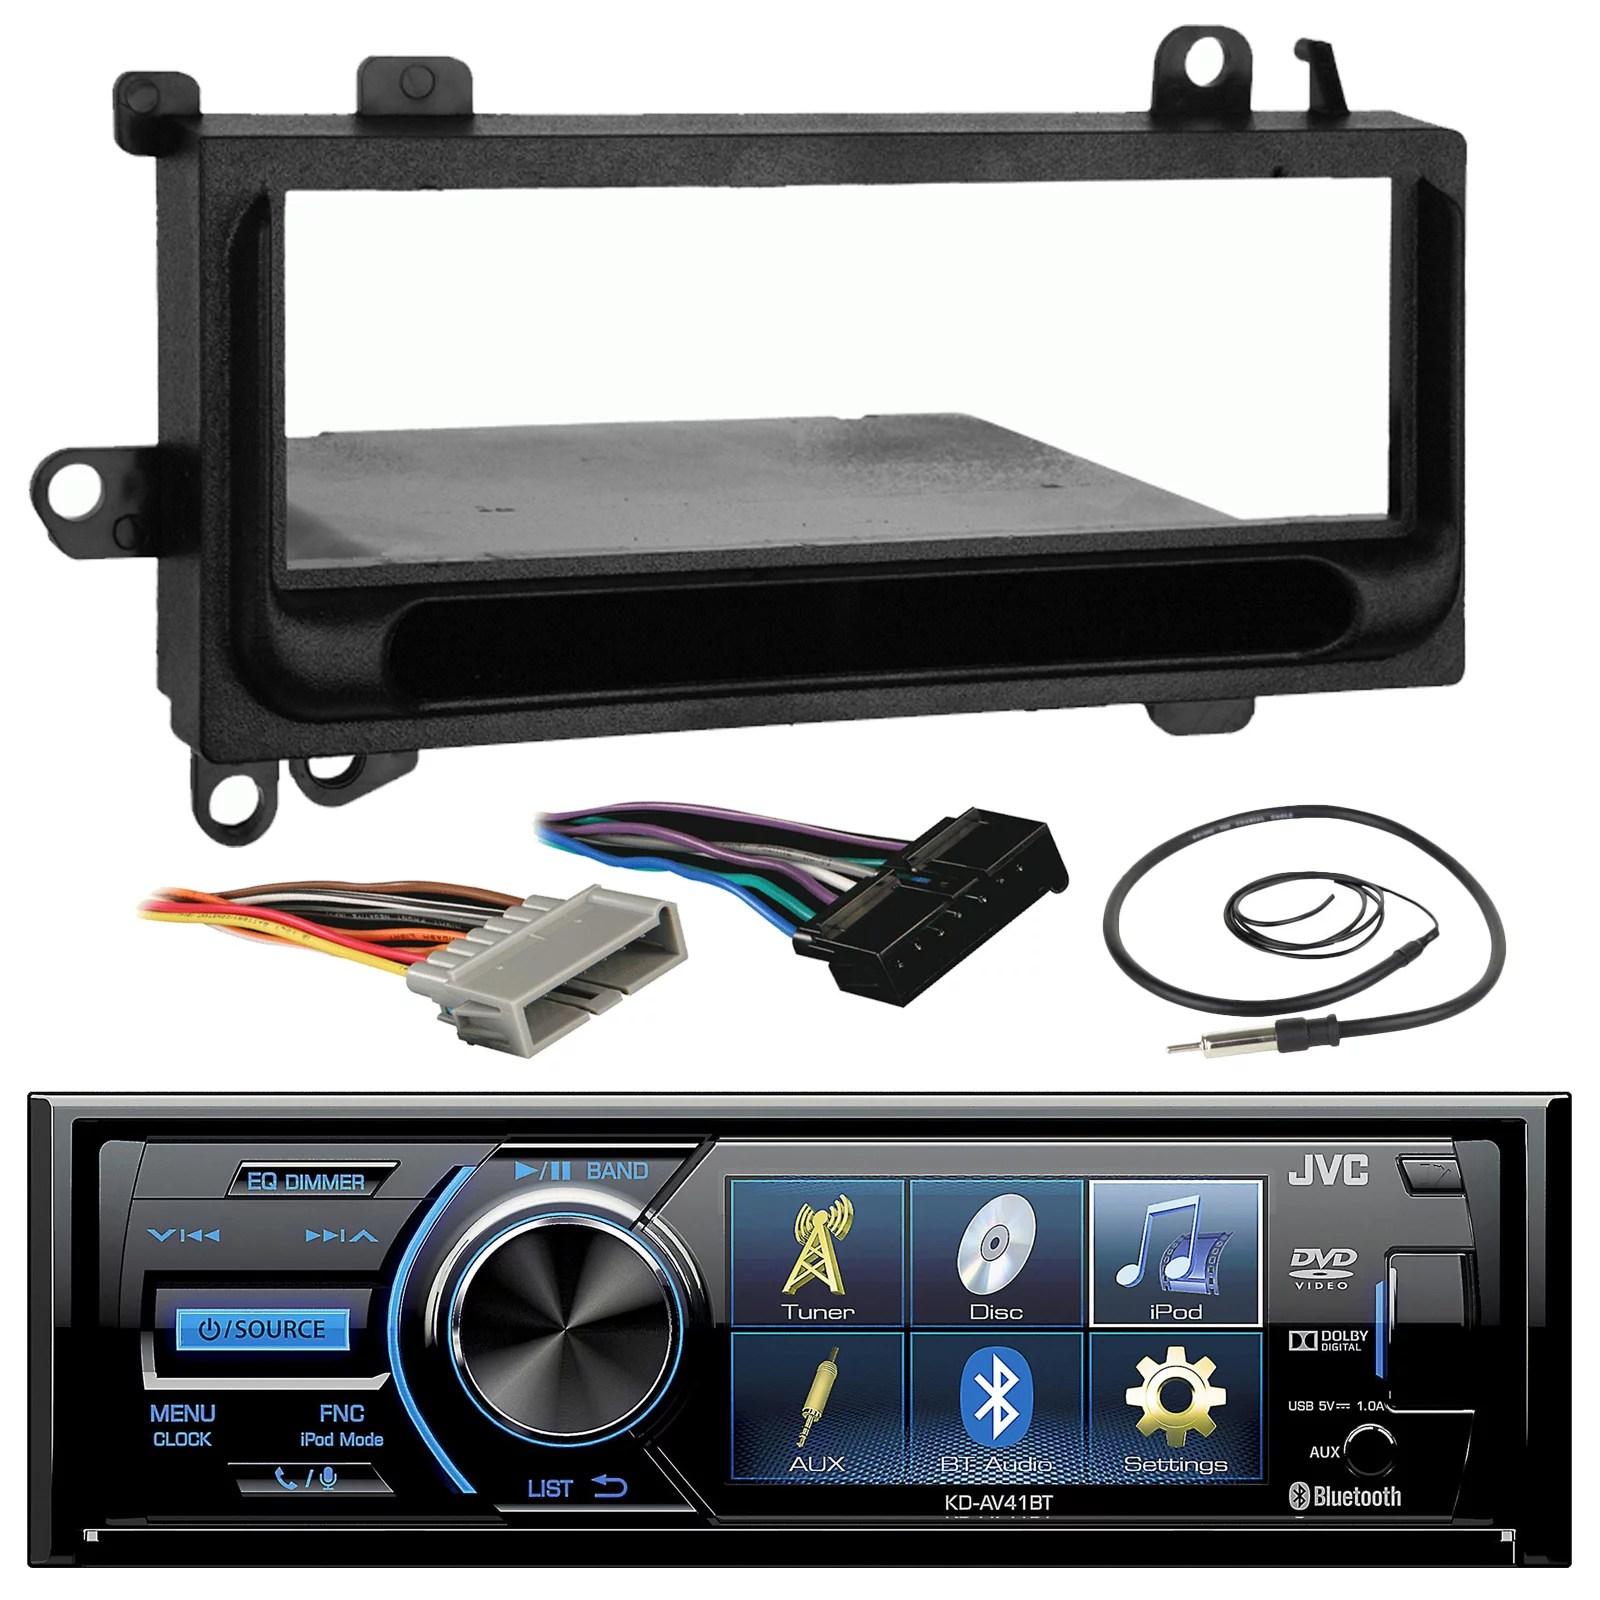 hight resolution of jvc kd av41bt 3 inch bluetooth in dash cd car stereo audio receiverjvc kd av41bt 3 inch bluetooth in dash cd car stereo audio receiver